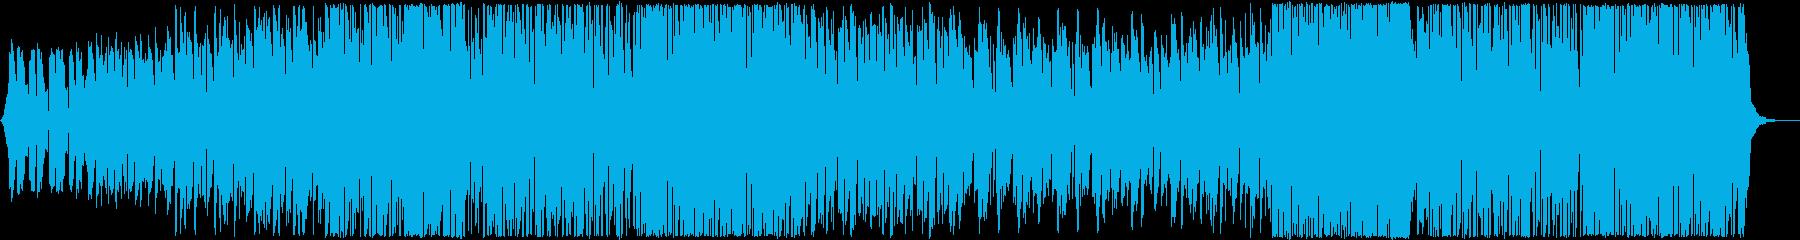 リラックスして聴けるチルアウト系ハウスの再生済みの波形